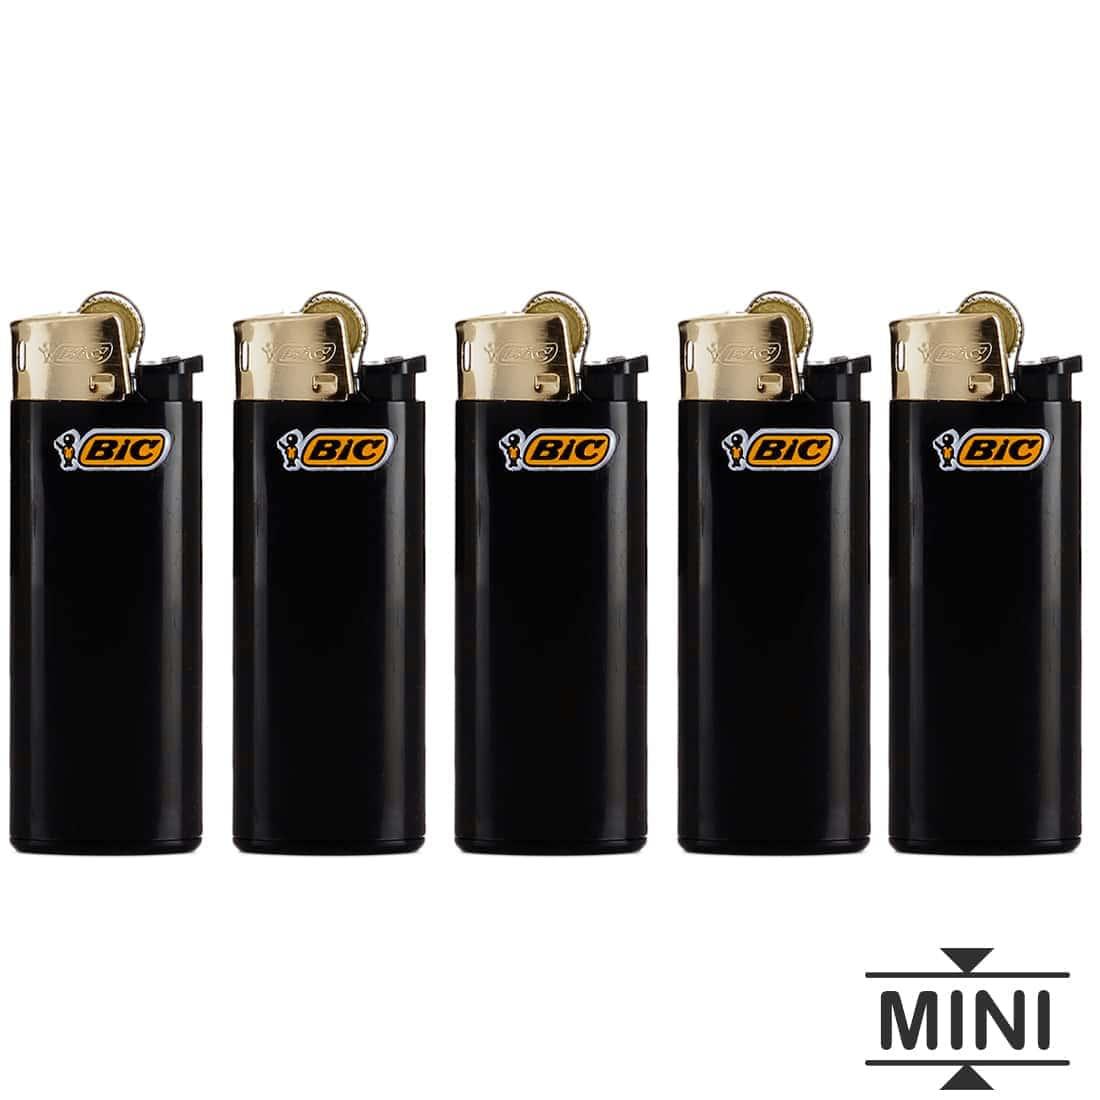 Photo de 5 briquets Bic mini à pierre Gold